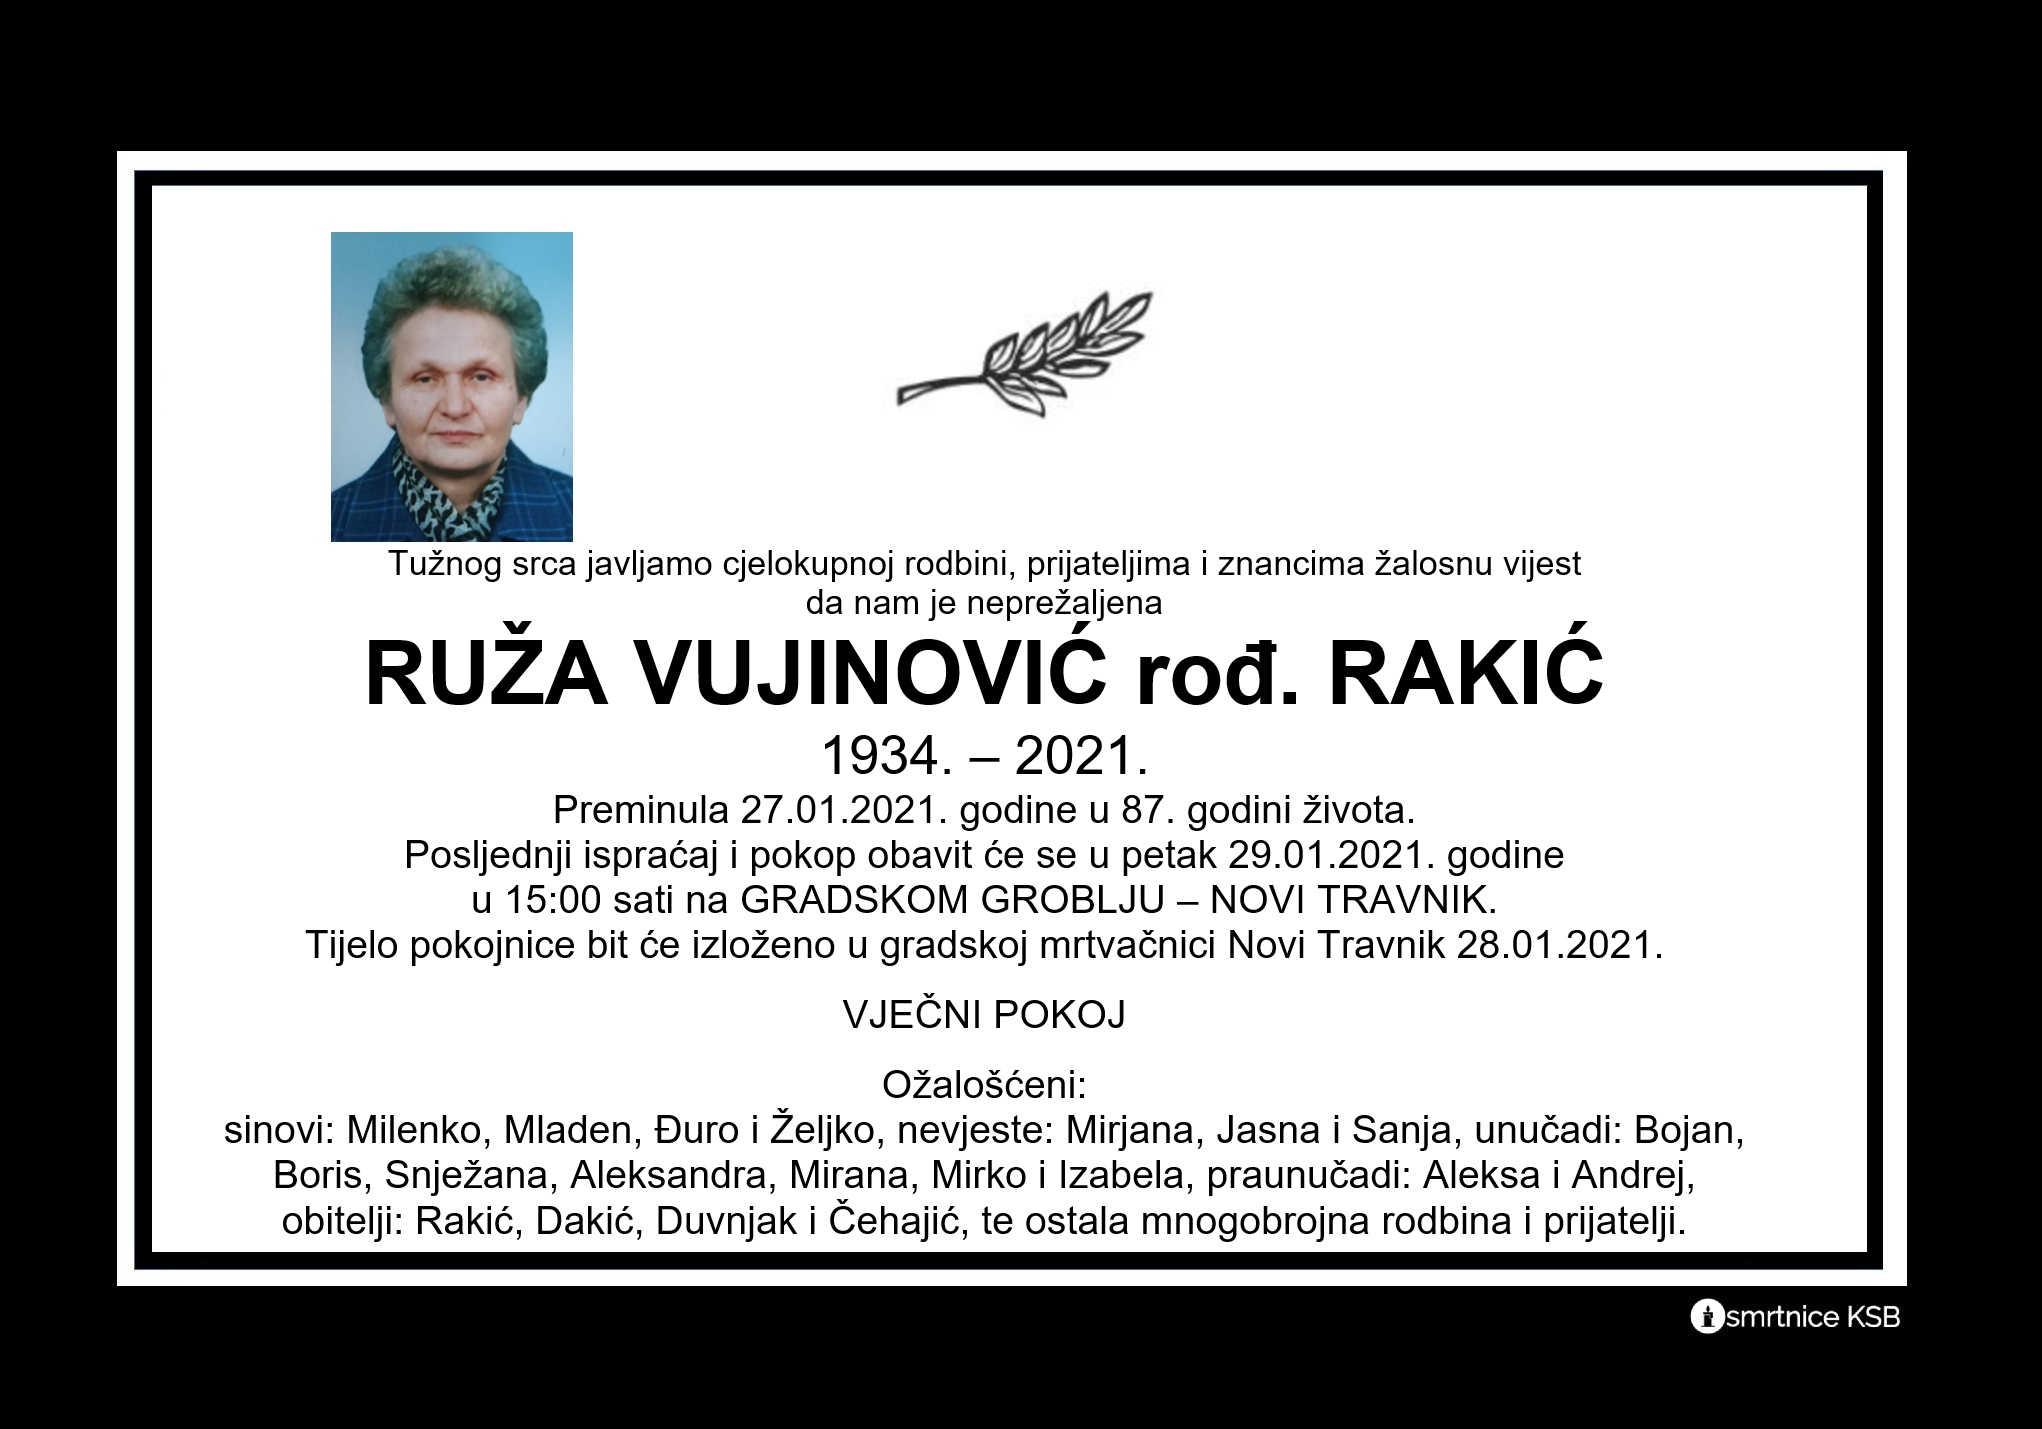 Ruža Vujinović rođ. Rakić